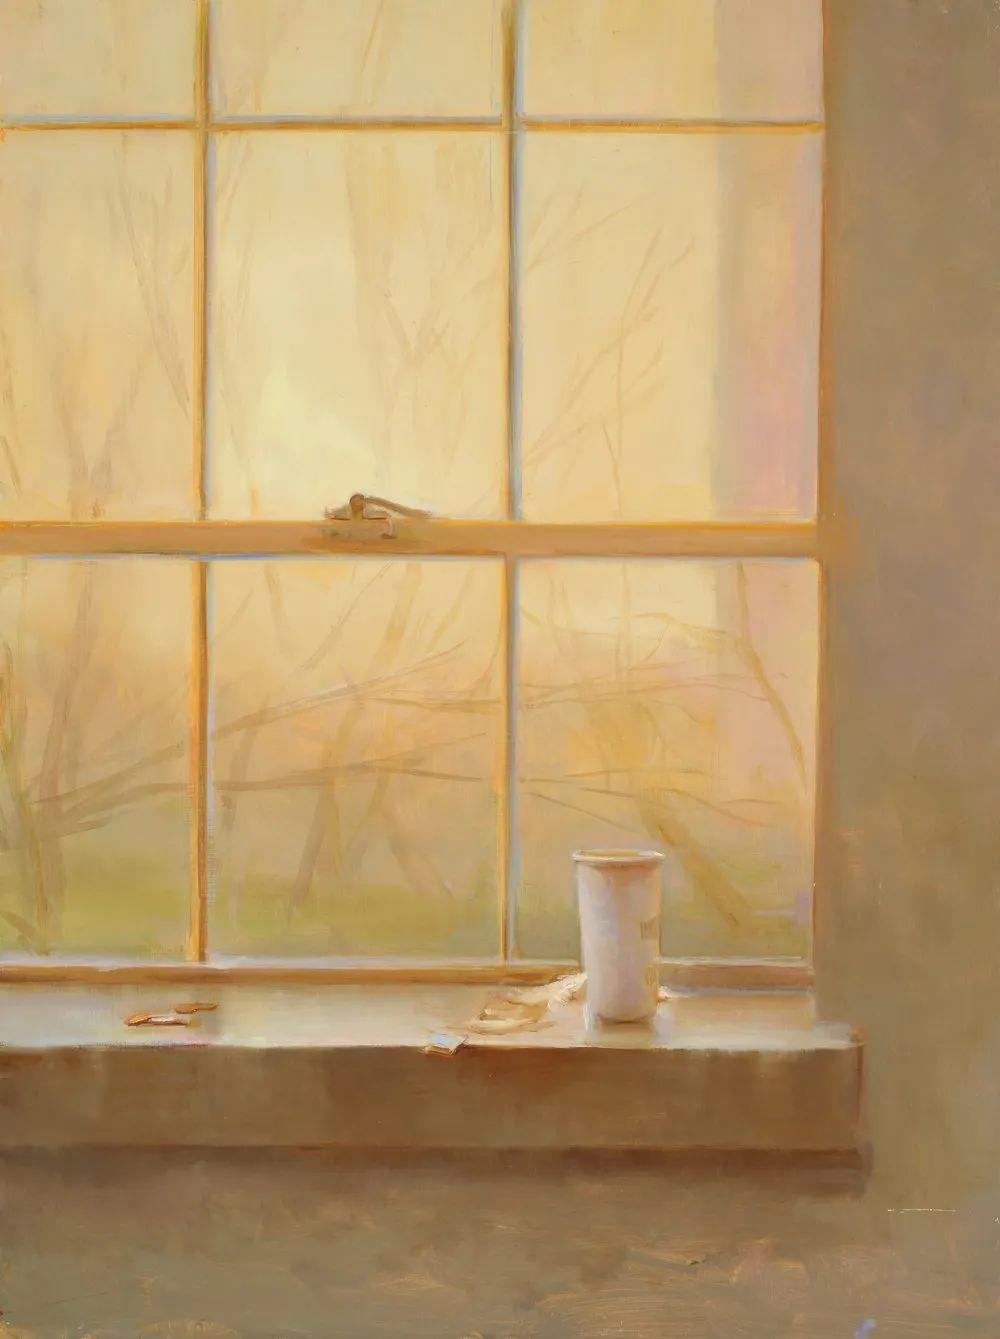 她的画有种通透感,看着很舒服!插图23